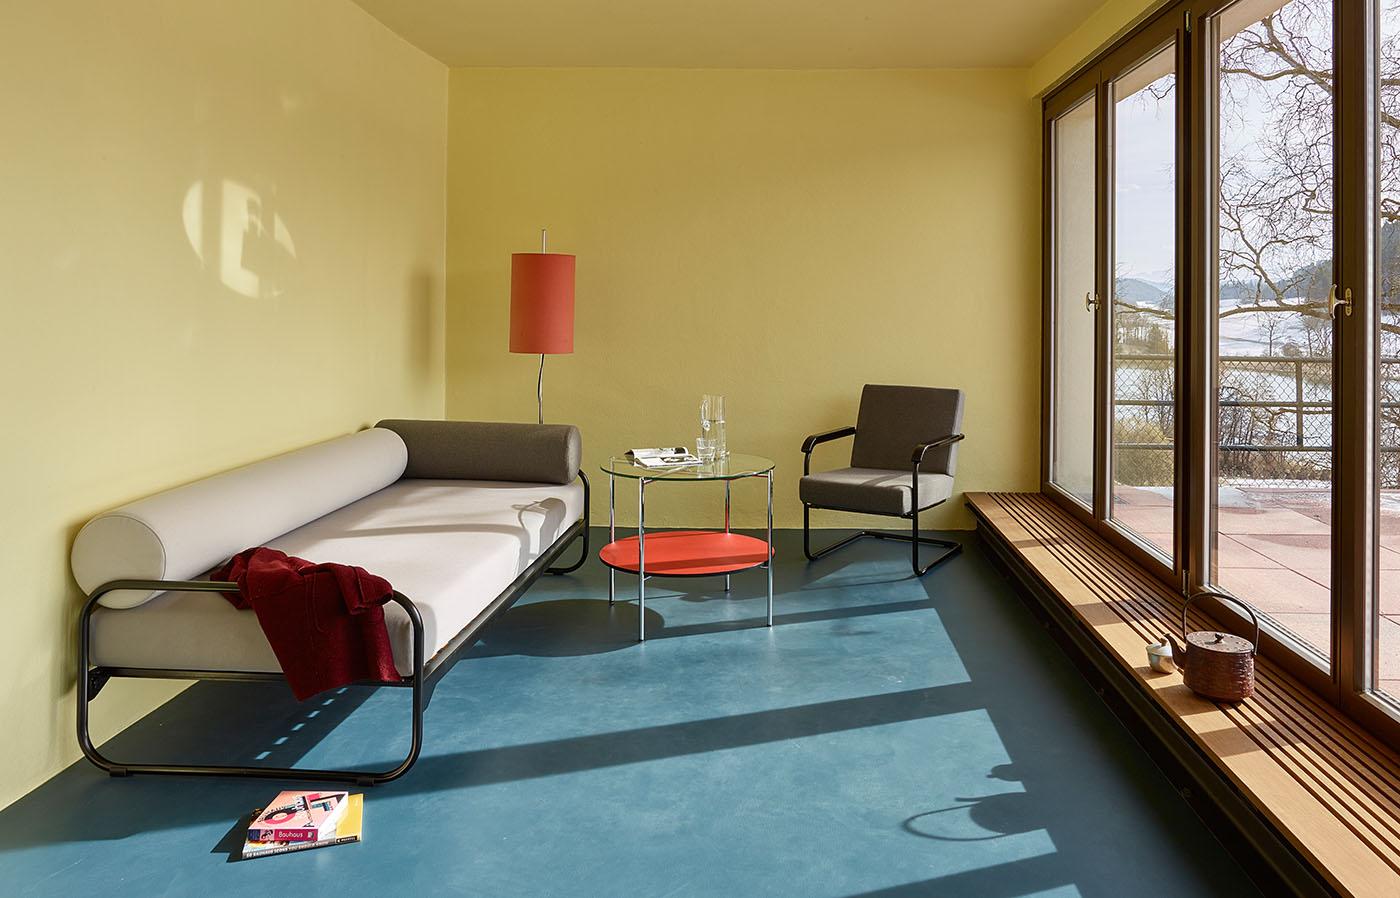 roth bett von embru ein puristischer designklassiker. Black Bedroom Furniture Sets. Home Design Ideas